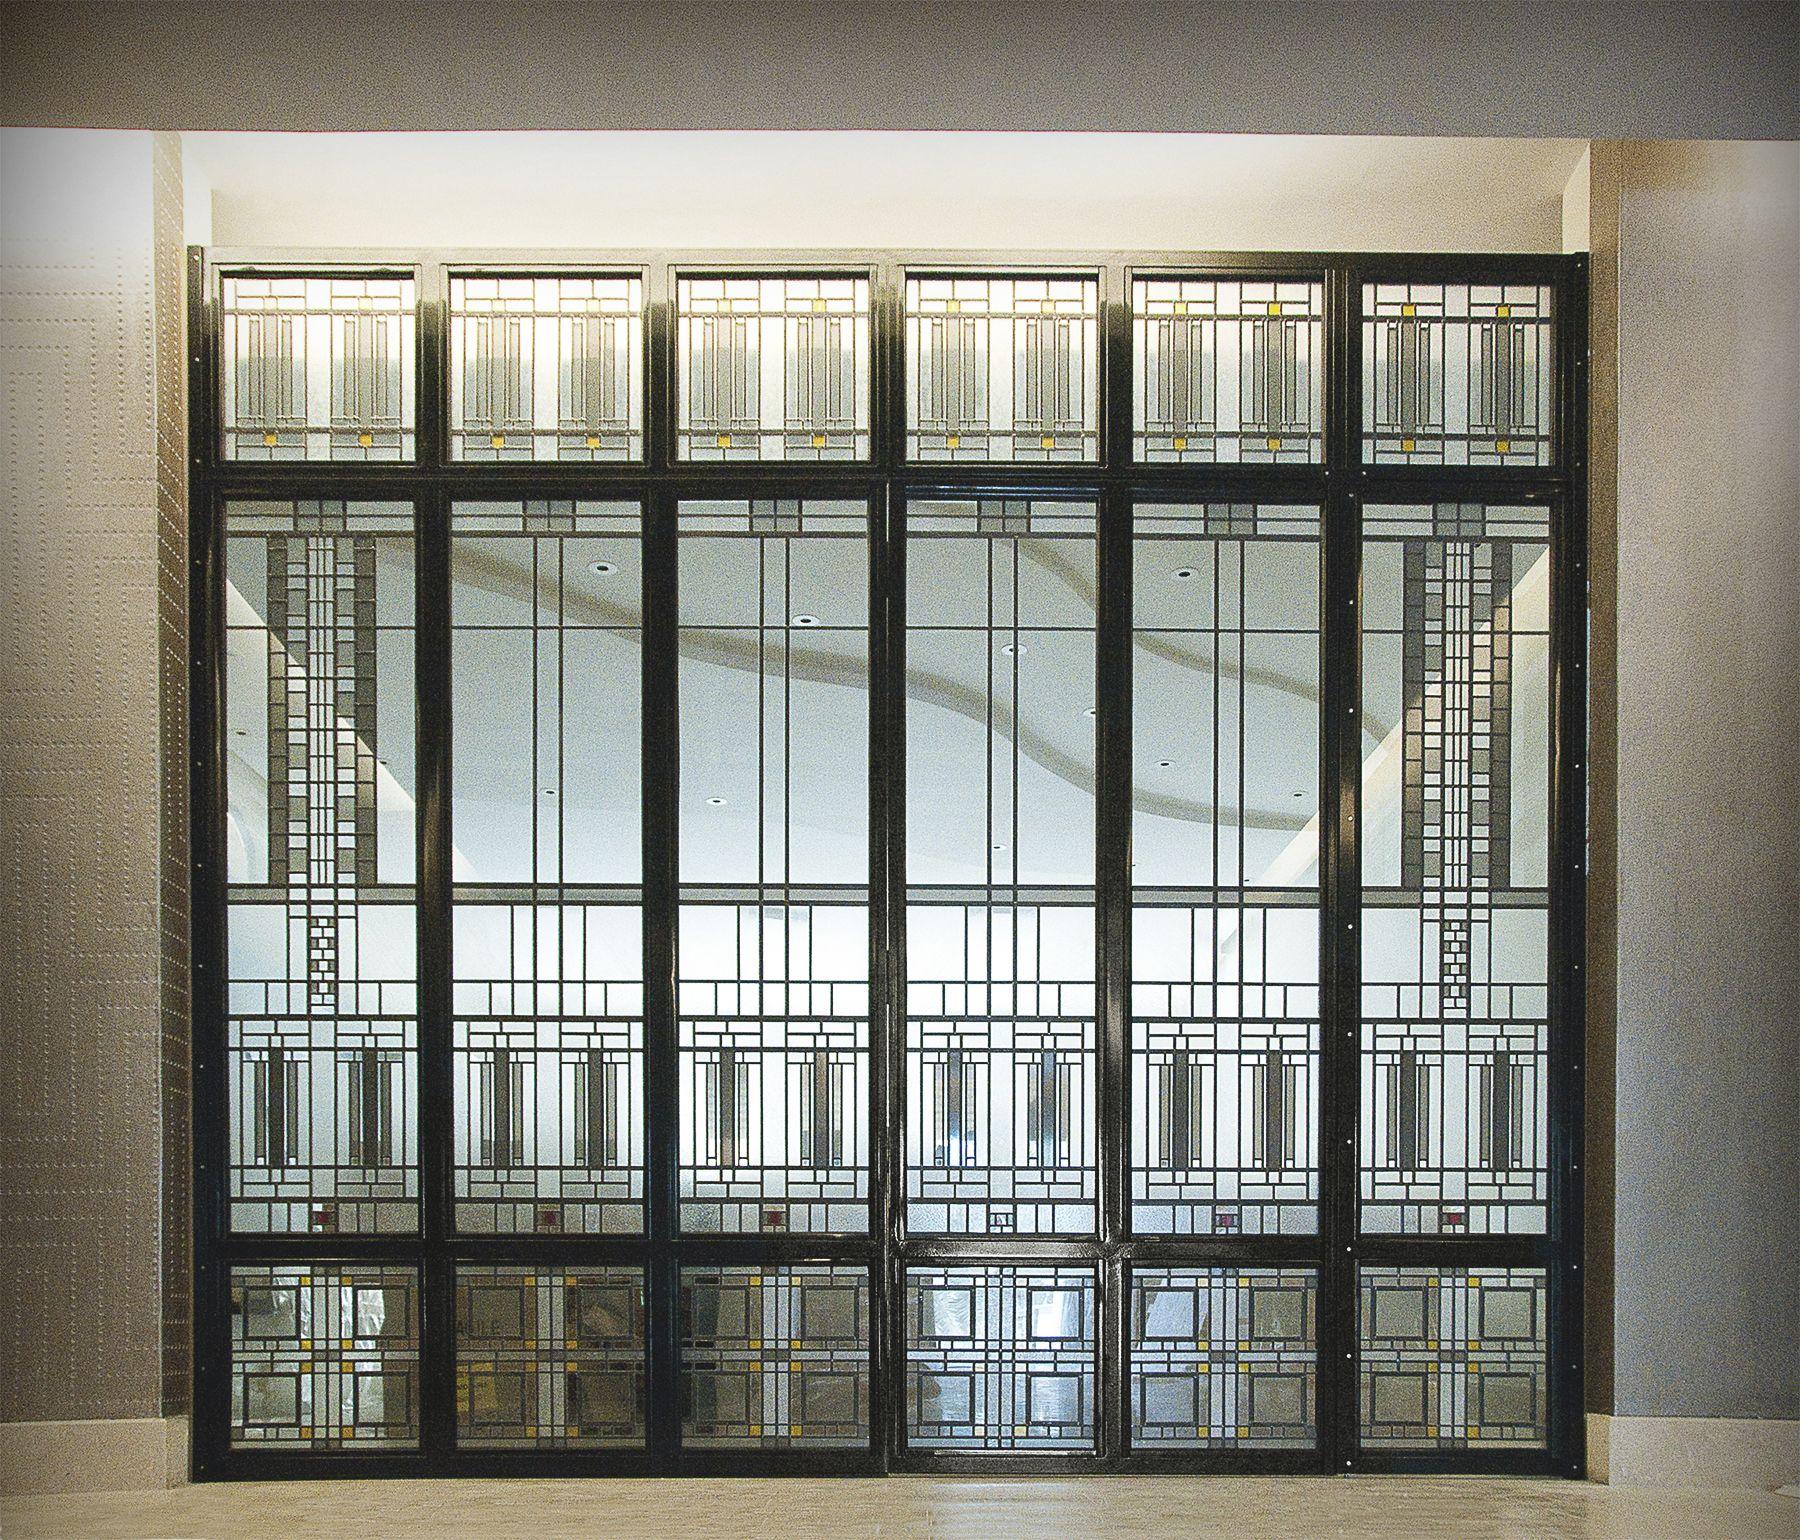 cloison lumineuse art deco h tel particulier verre clair stadip 44 2 avec films couleur et. Black Bedroom Furniture Sets. Home Design Ideas